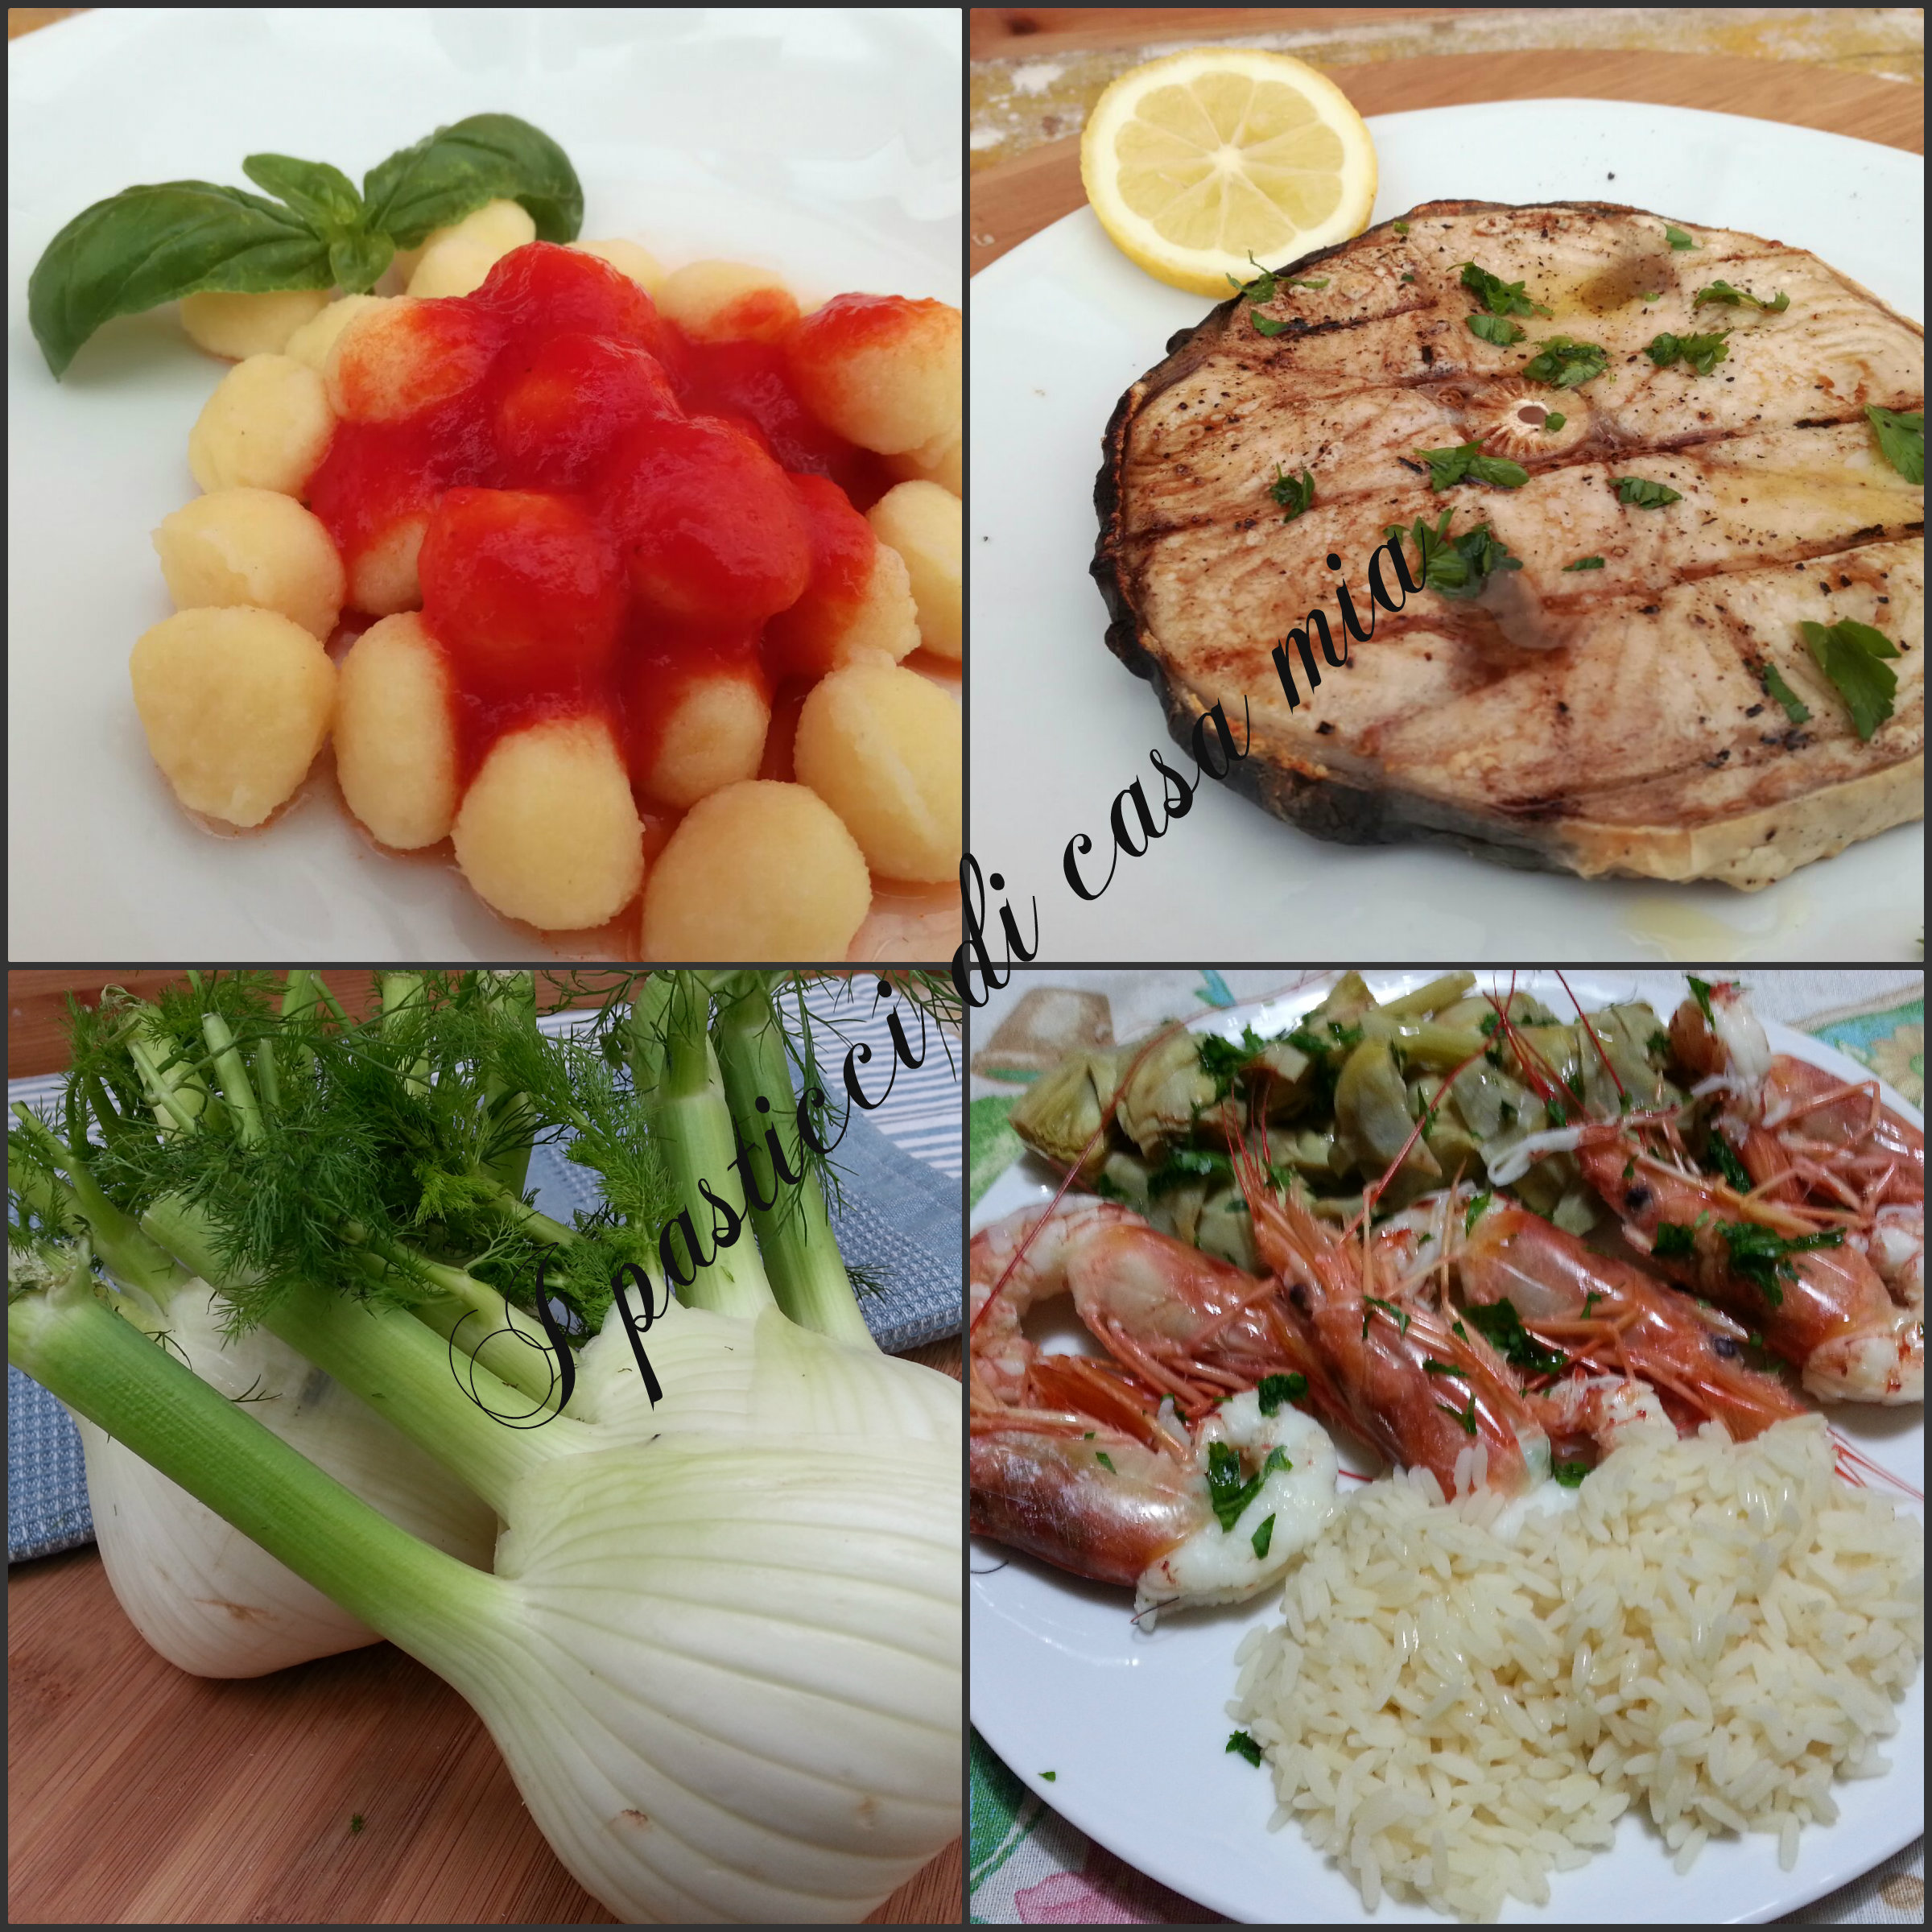 Diario di una dieta giorno dodici